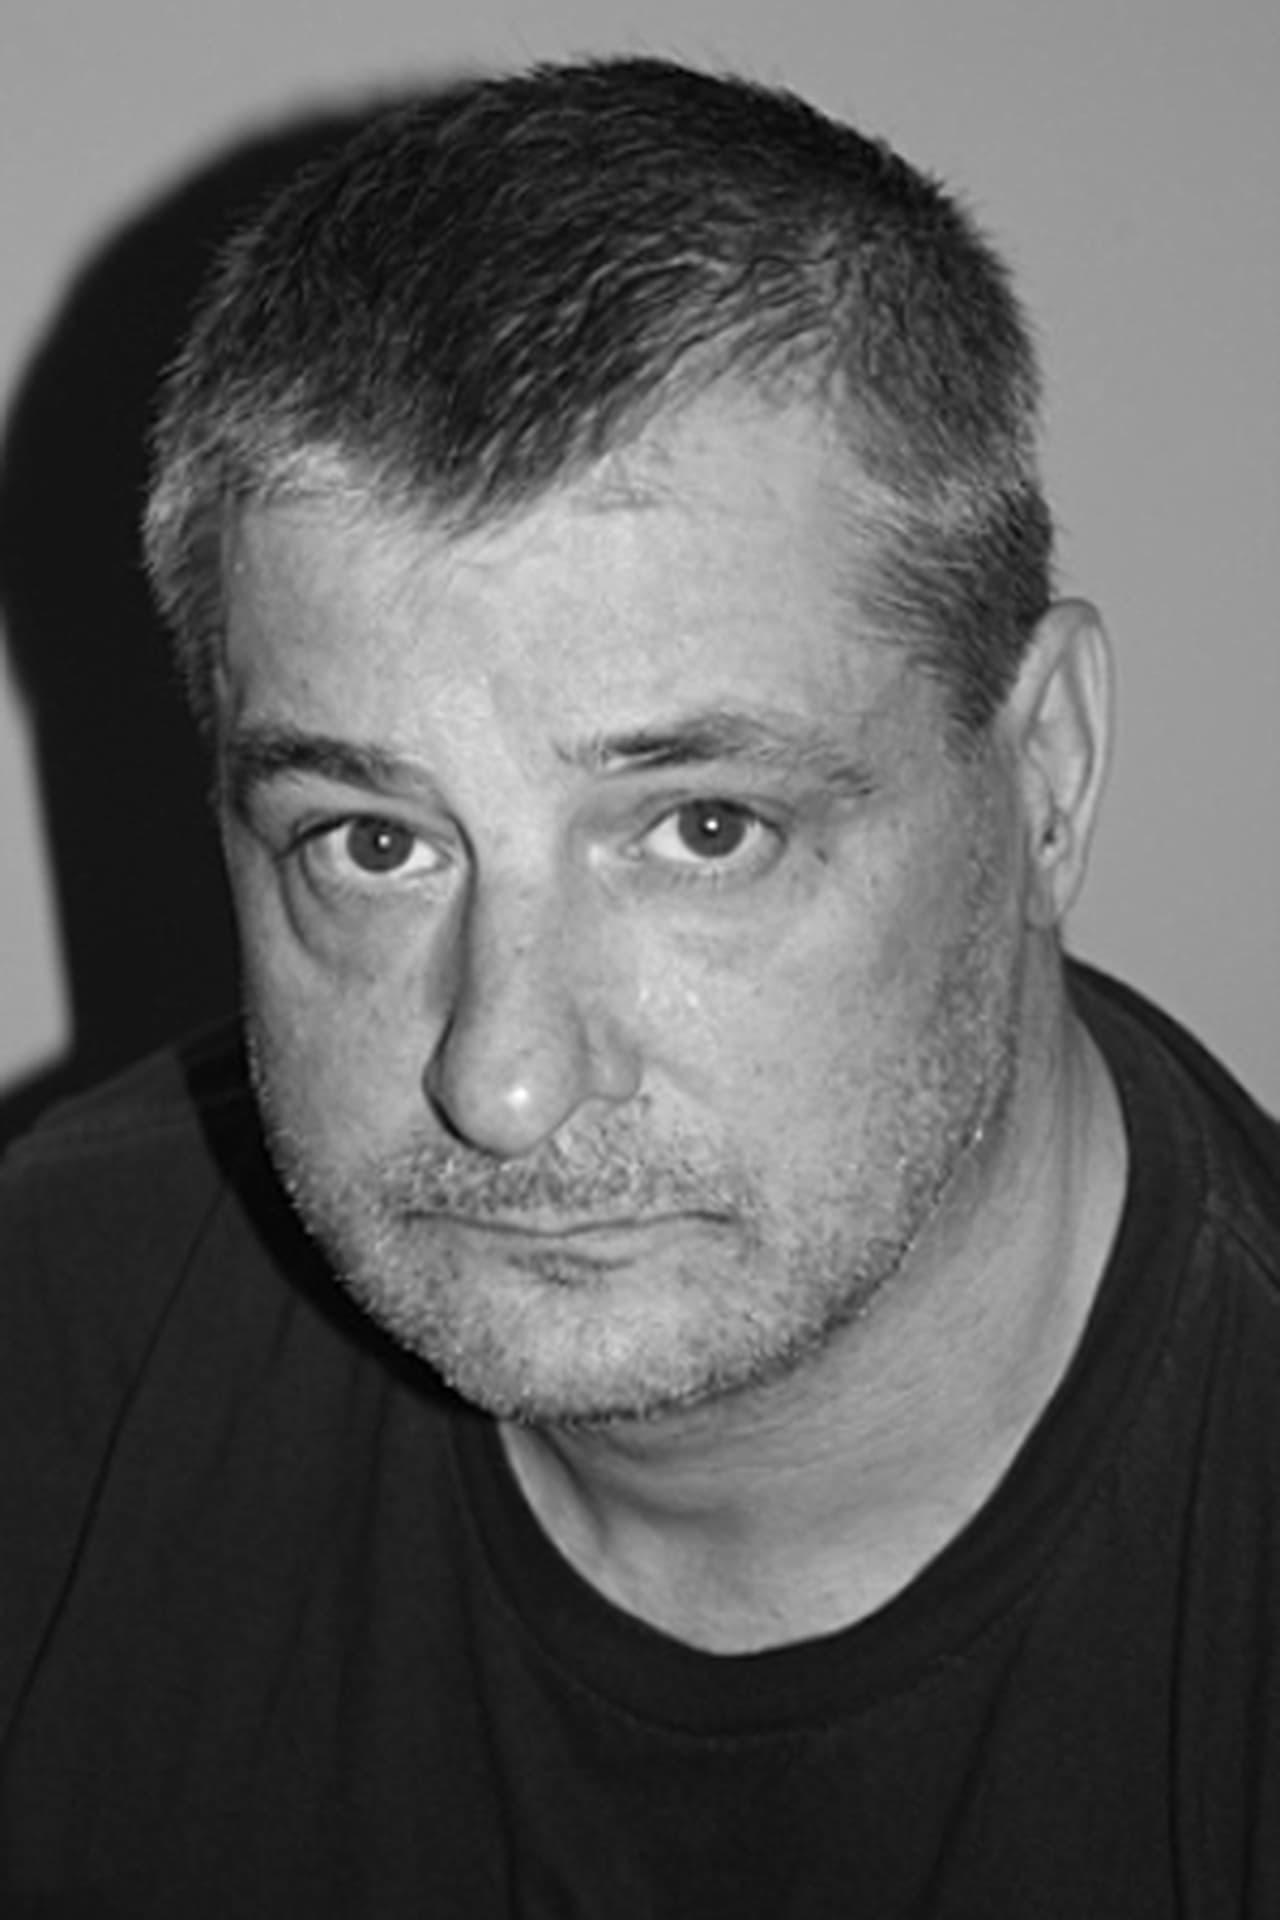 Joe Doserro